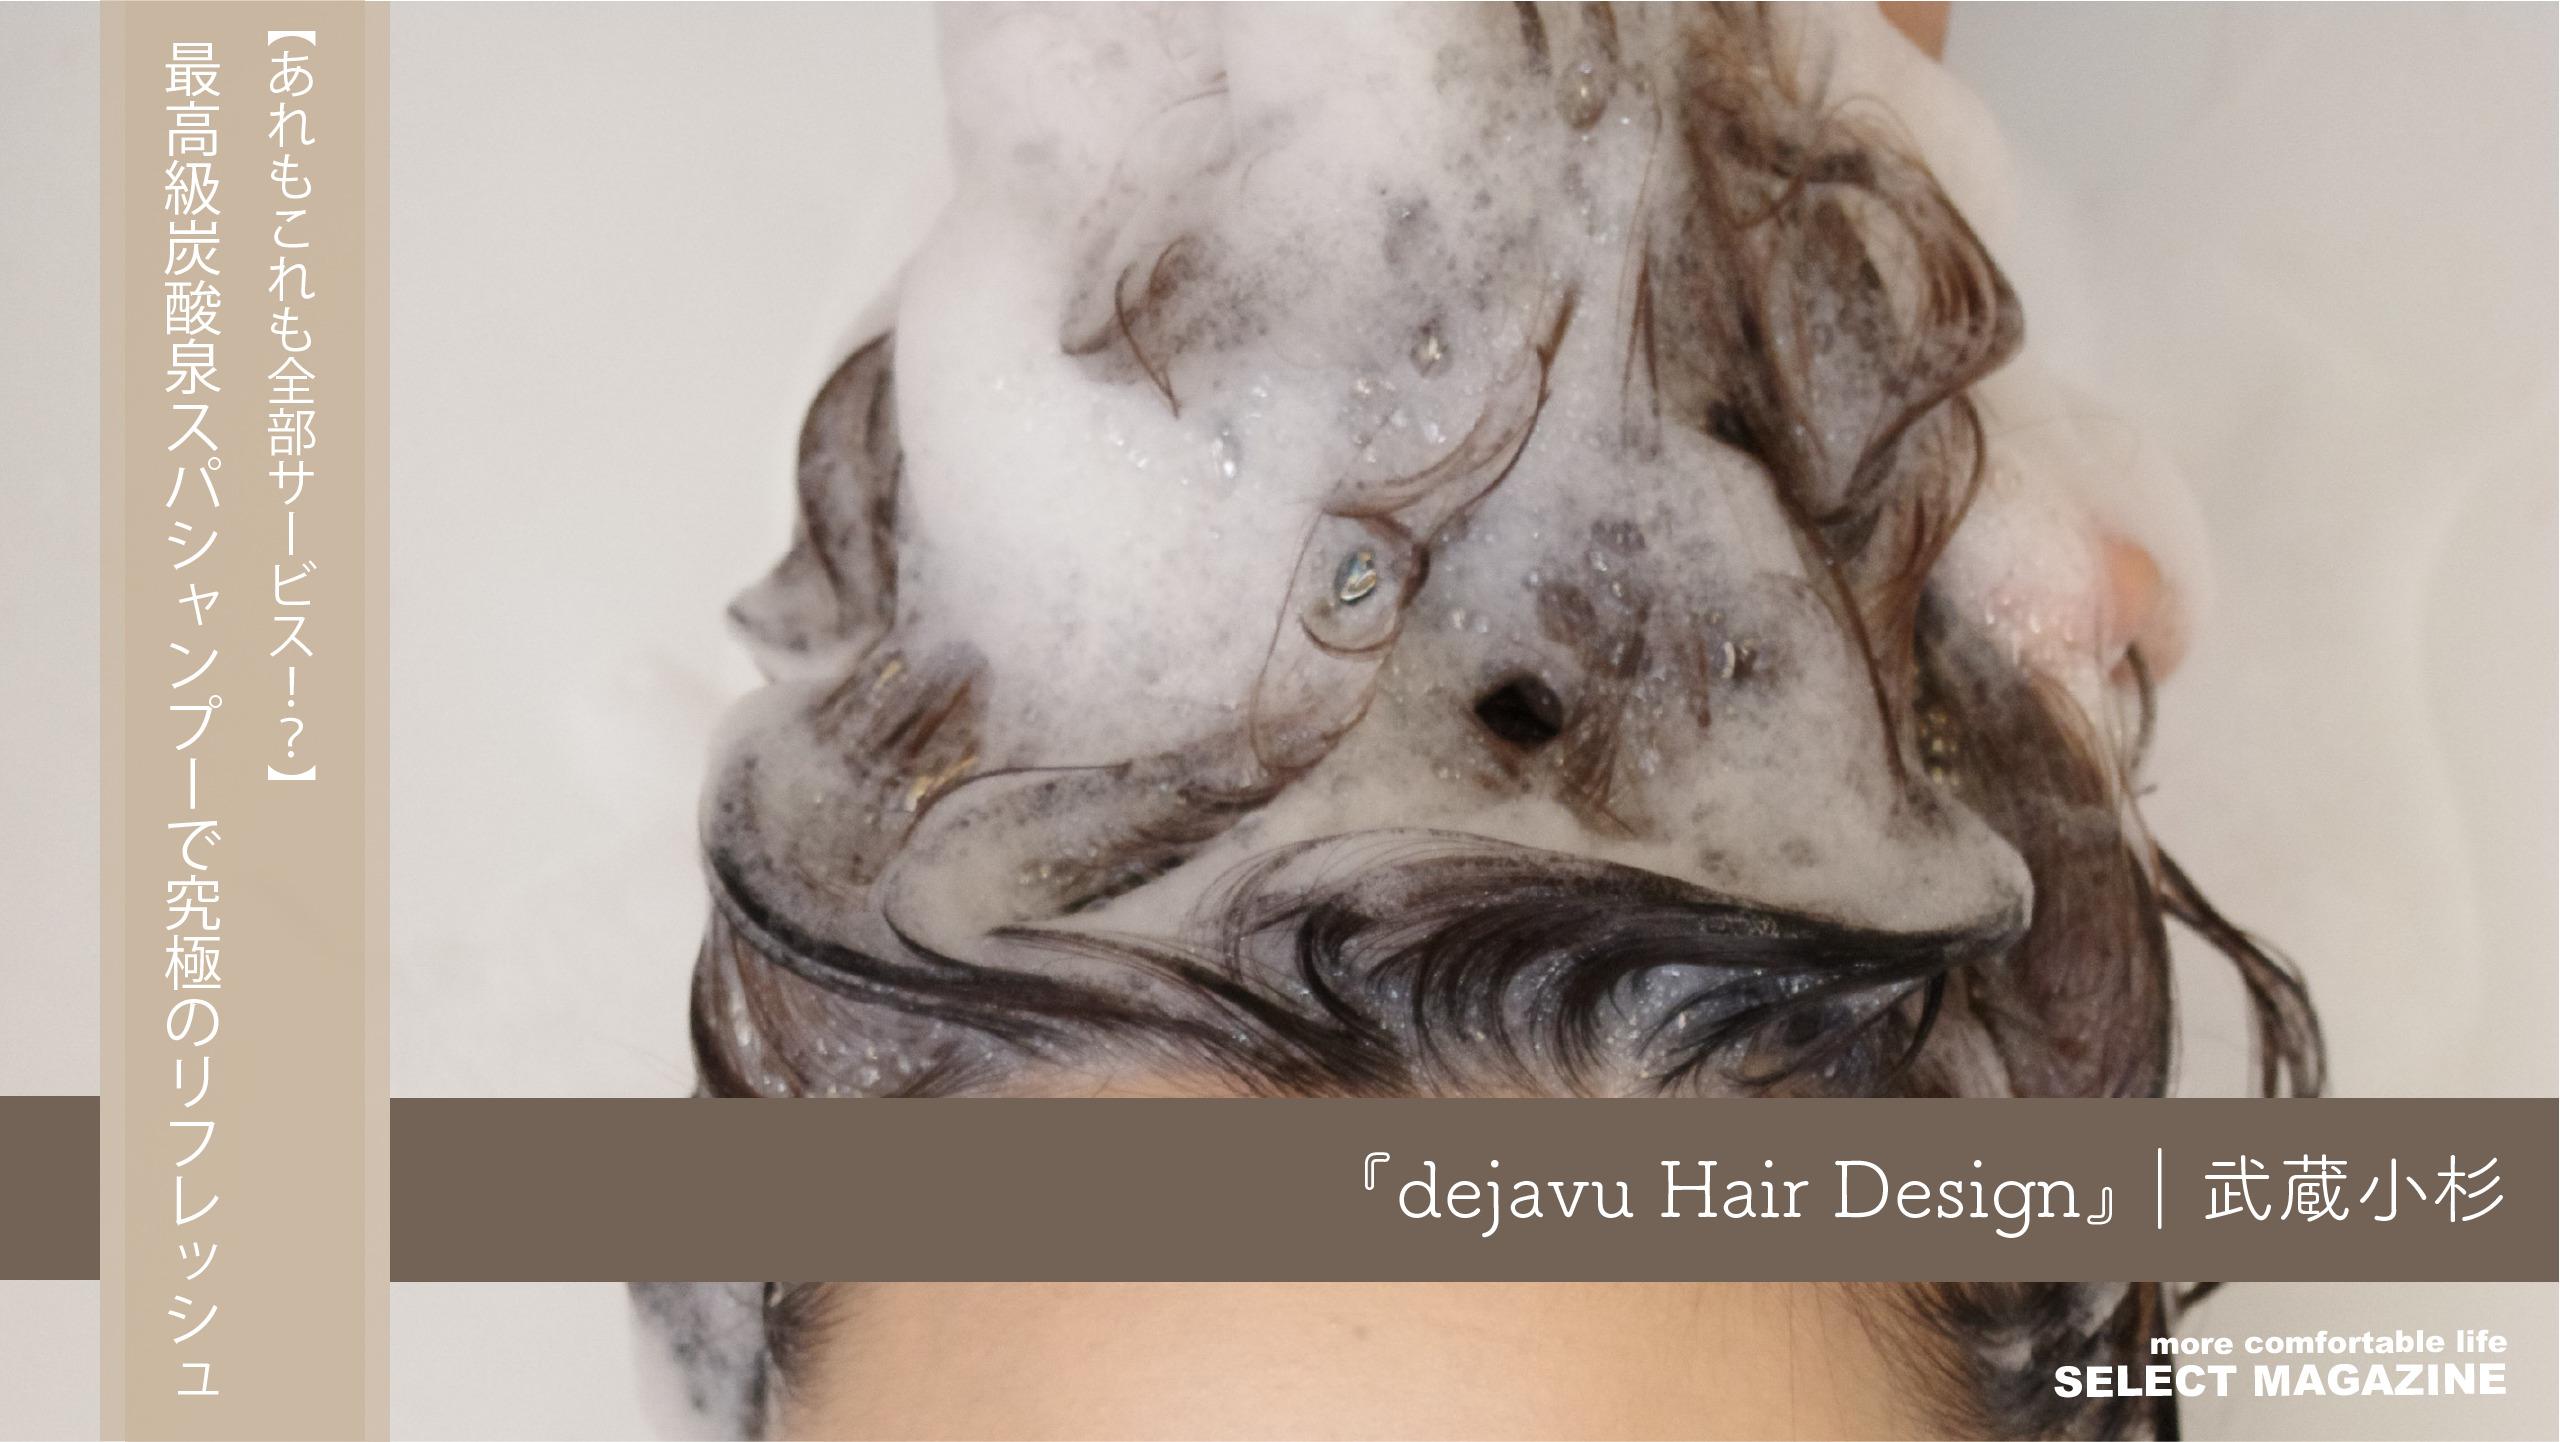 【あれもこれも全部サービス!?】最高級炭酸泉スパシャンプーで究極のリフレッシュ『dejavu Hair Design』|武蔵小杉